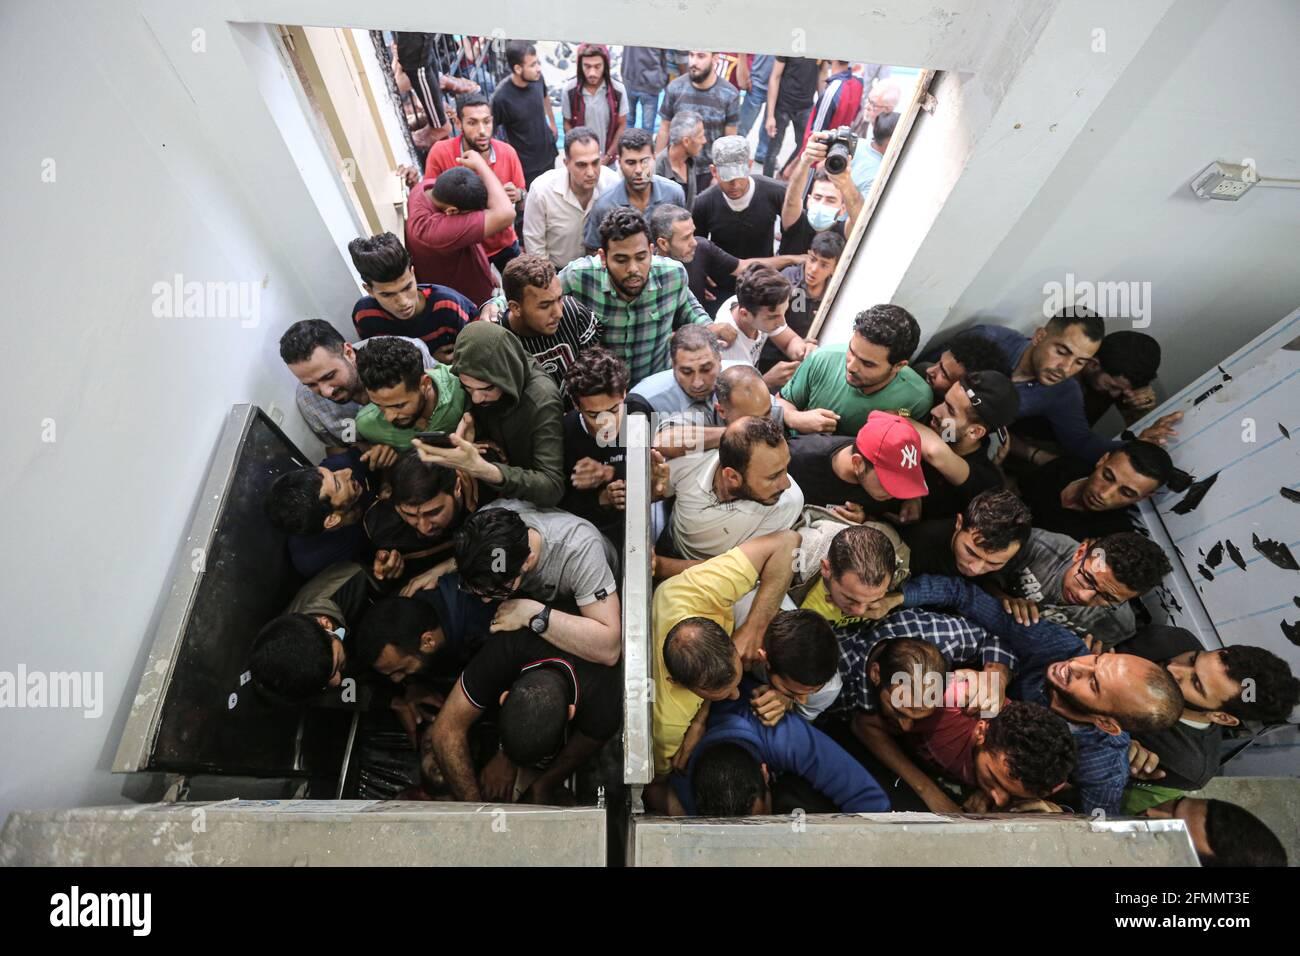 Gaza. Mai 2021. Palästinenser versammeln sich um Leichen von Palästinensern, die am 10. Mai 2021 bei einem israelischen Luftangriff auf eine KrankenhausLeichenhalle im nördlichen Gazastreifen getötet wurden. Israel führte Luftangriffe im Gazastreifen durch und tötete mindestens 20 Menschen, während der Raketenbeschuss aus der palästinensischen Enklave nach Angaben israelischer und palästinensischer Quellen bis in die Nacht vom Montag andauerte. Kredit: Rizek Abdeljawad/Xinhua/Alamy Live Nachrichten Stockfoto